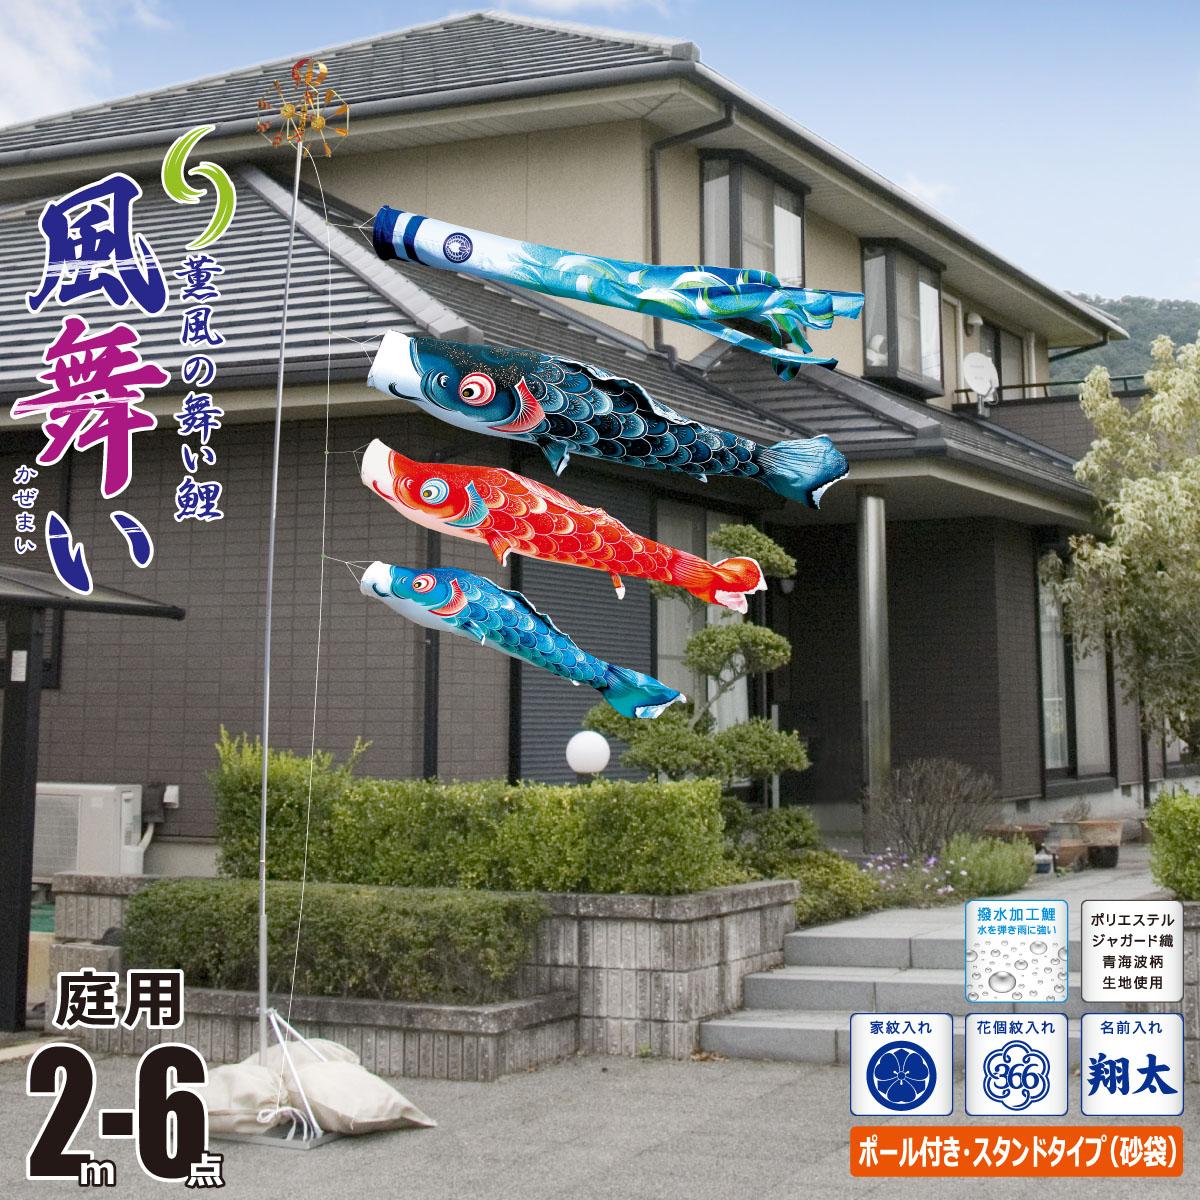 こいのぼり 2m 風舞い 6点 (矢車、ロープ、吹流し、鯉3匹) 庭園用 スタンドセット (庭用 スタンド 砂袋3枚入り) 徳永鯉のぼり KIT-116-205